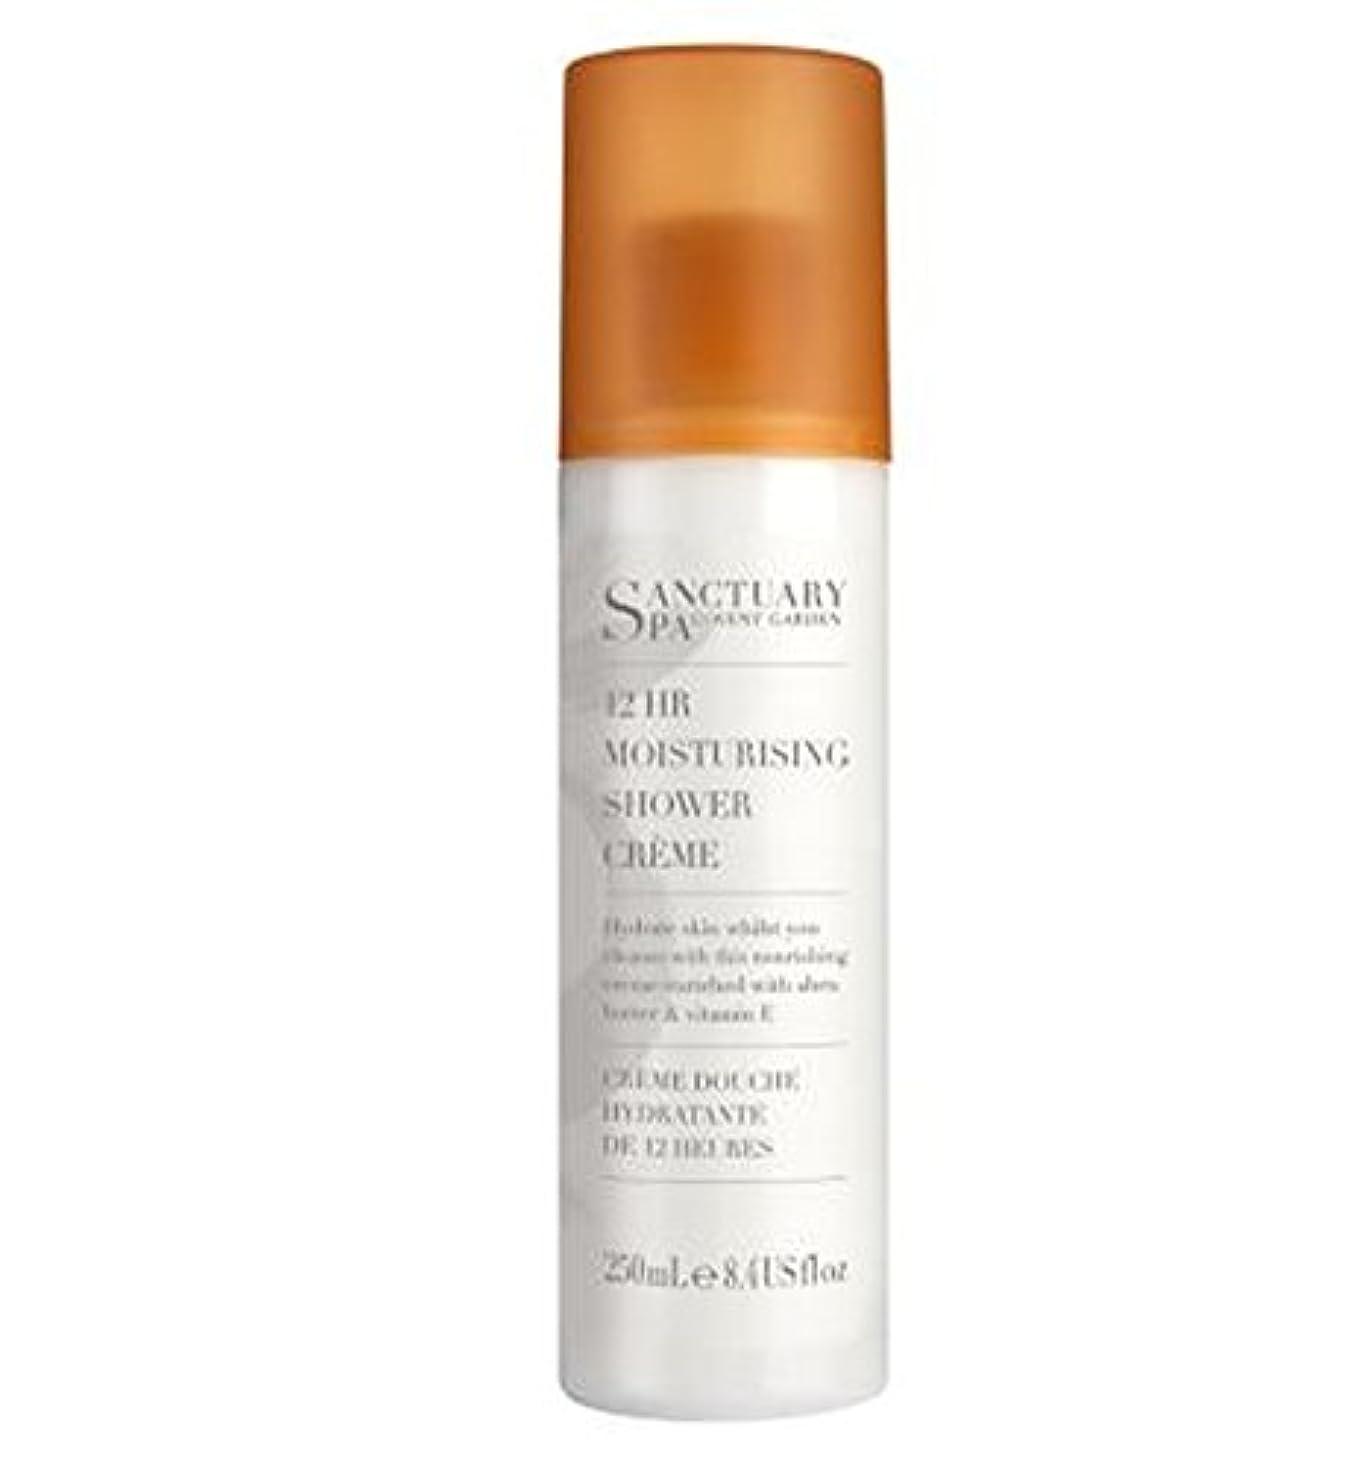 手段私尊厳Sanctuary 12 Hour Moisturising Shower Cream 250ml - 聖域12時間保湿シャワークリーム250ミリリットル (Sanctuary) [並行輸入品]